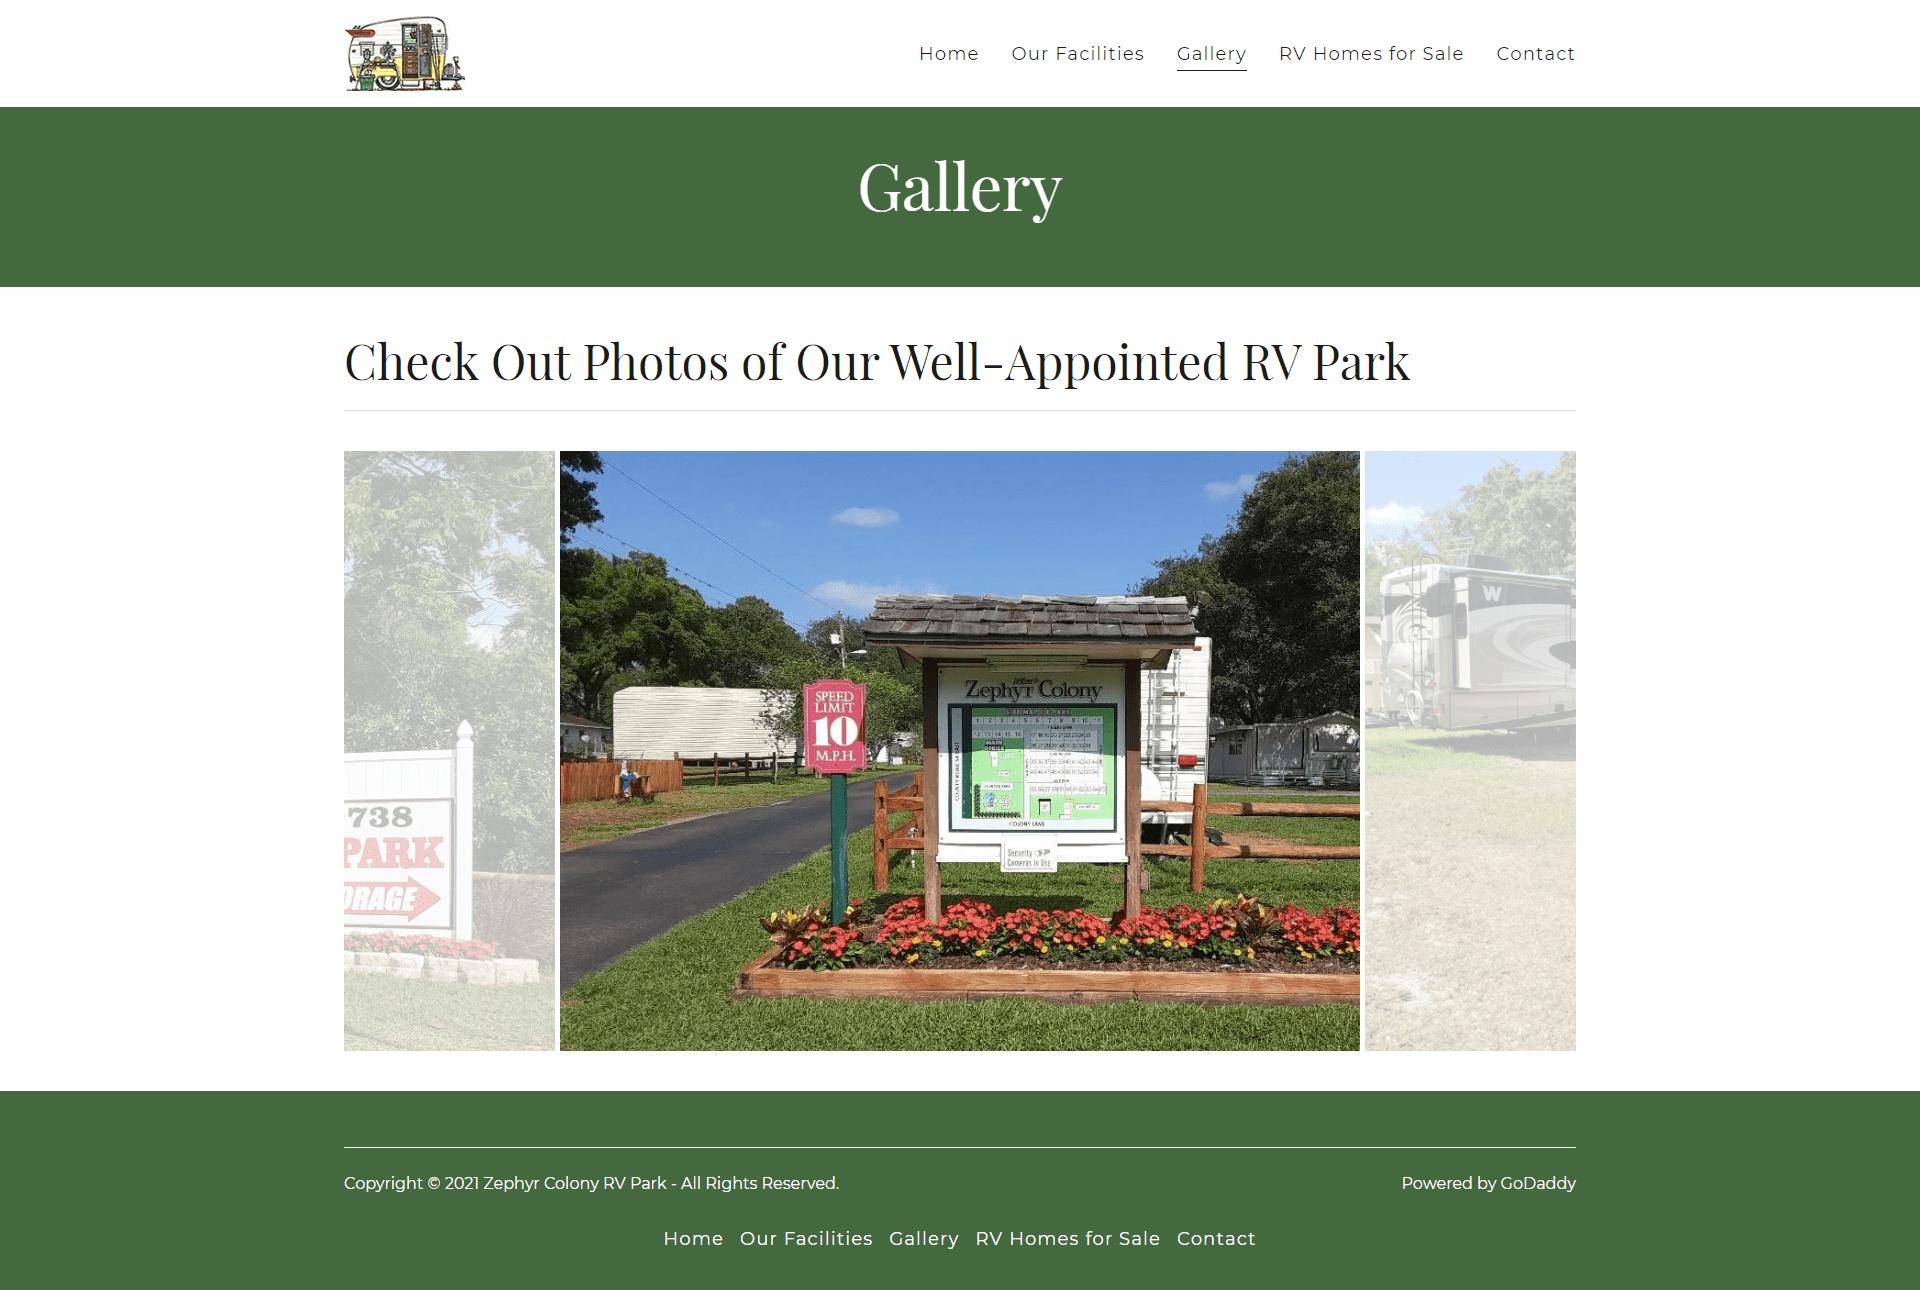 Zephyr Colony RV Park Gallery